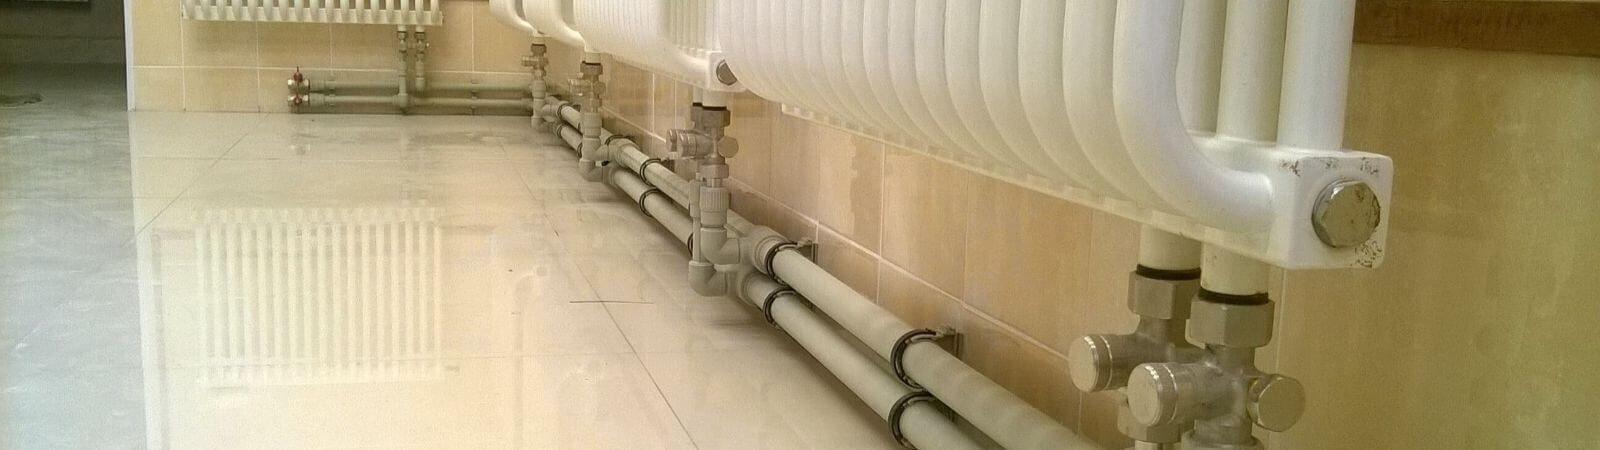 Прокладка труб отопления в частном доме, особенности процесса